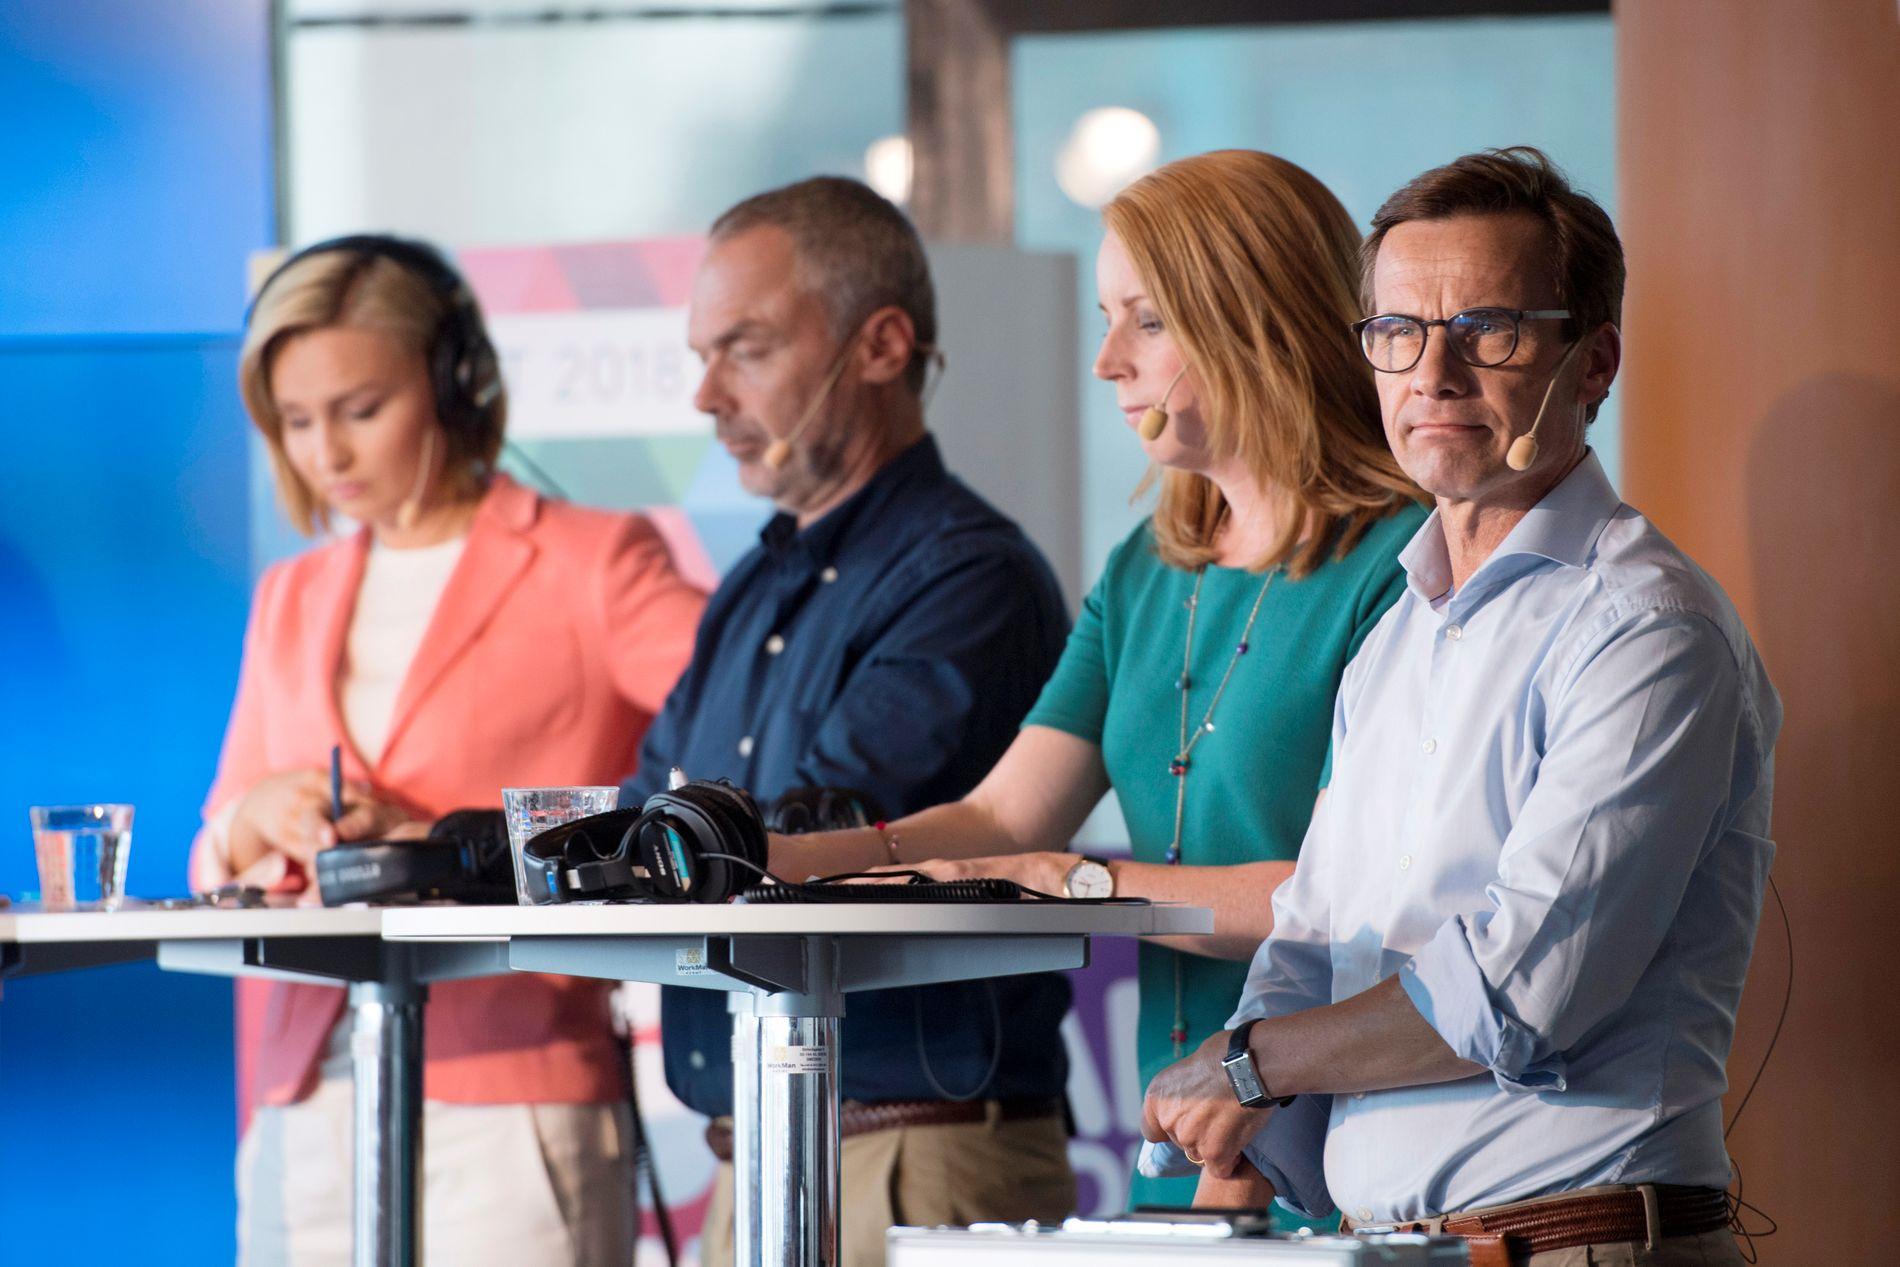 OPPOSISJONEN: Kristendemokratenes leder Ebba Busch Thor, Liberalernas leder Jan Bjorklund, Centerpartiets leder Annie Loof og Moderaternas leder Ulf Kristerssonunder en partilederdebatt i Stockholm August 29 2018.